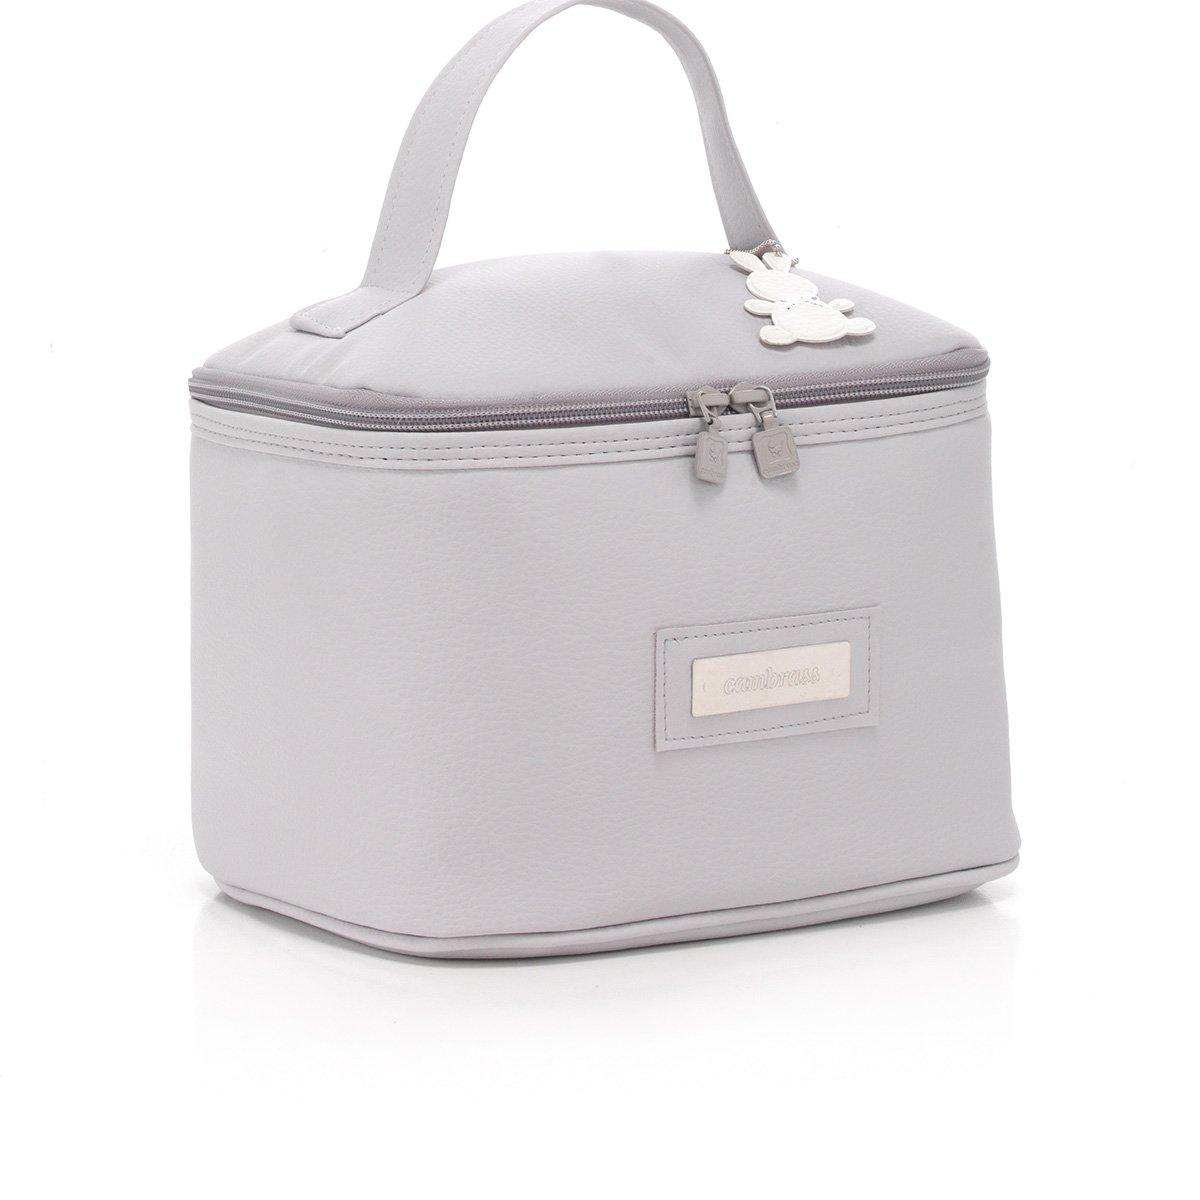 Cambrass Elegance - Bolso neceser mini, color blanco 35542.0